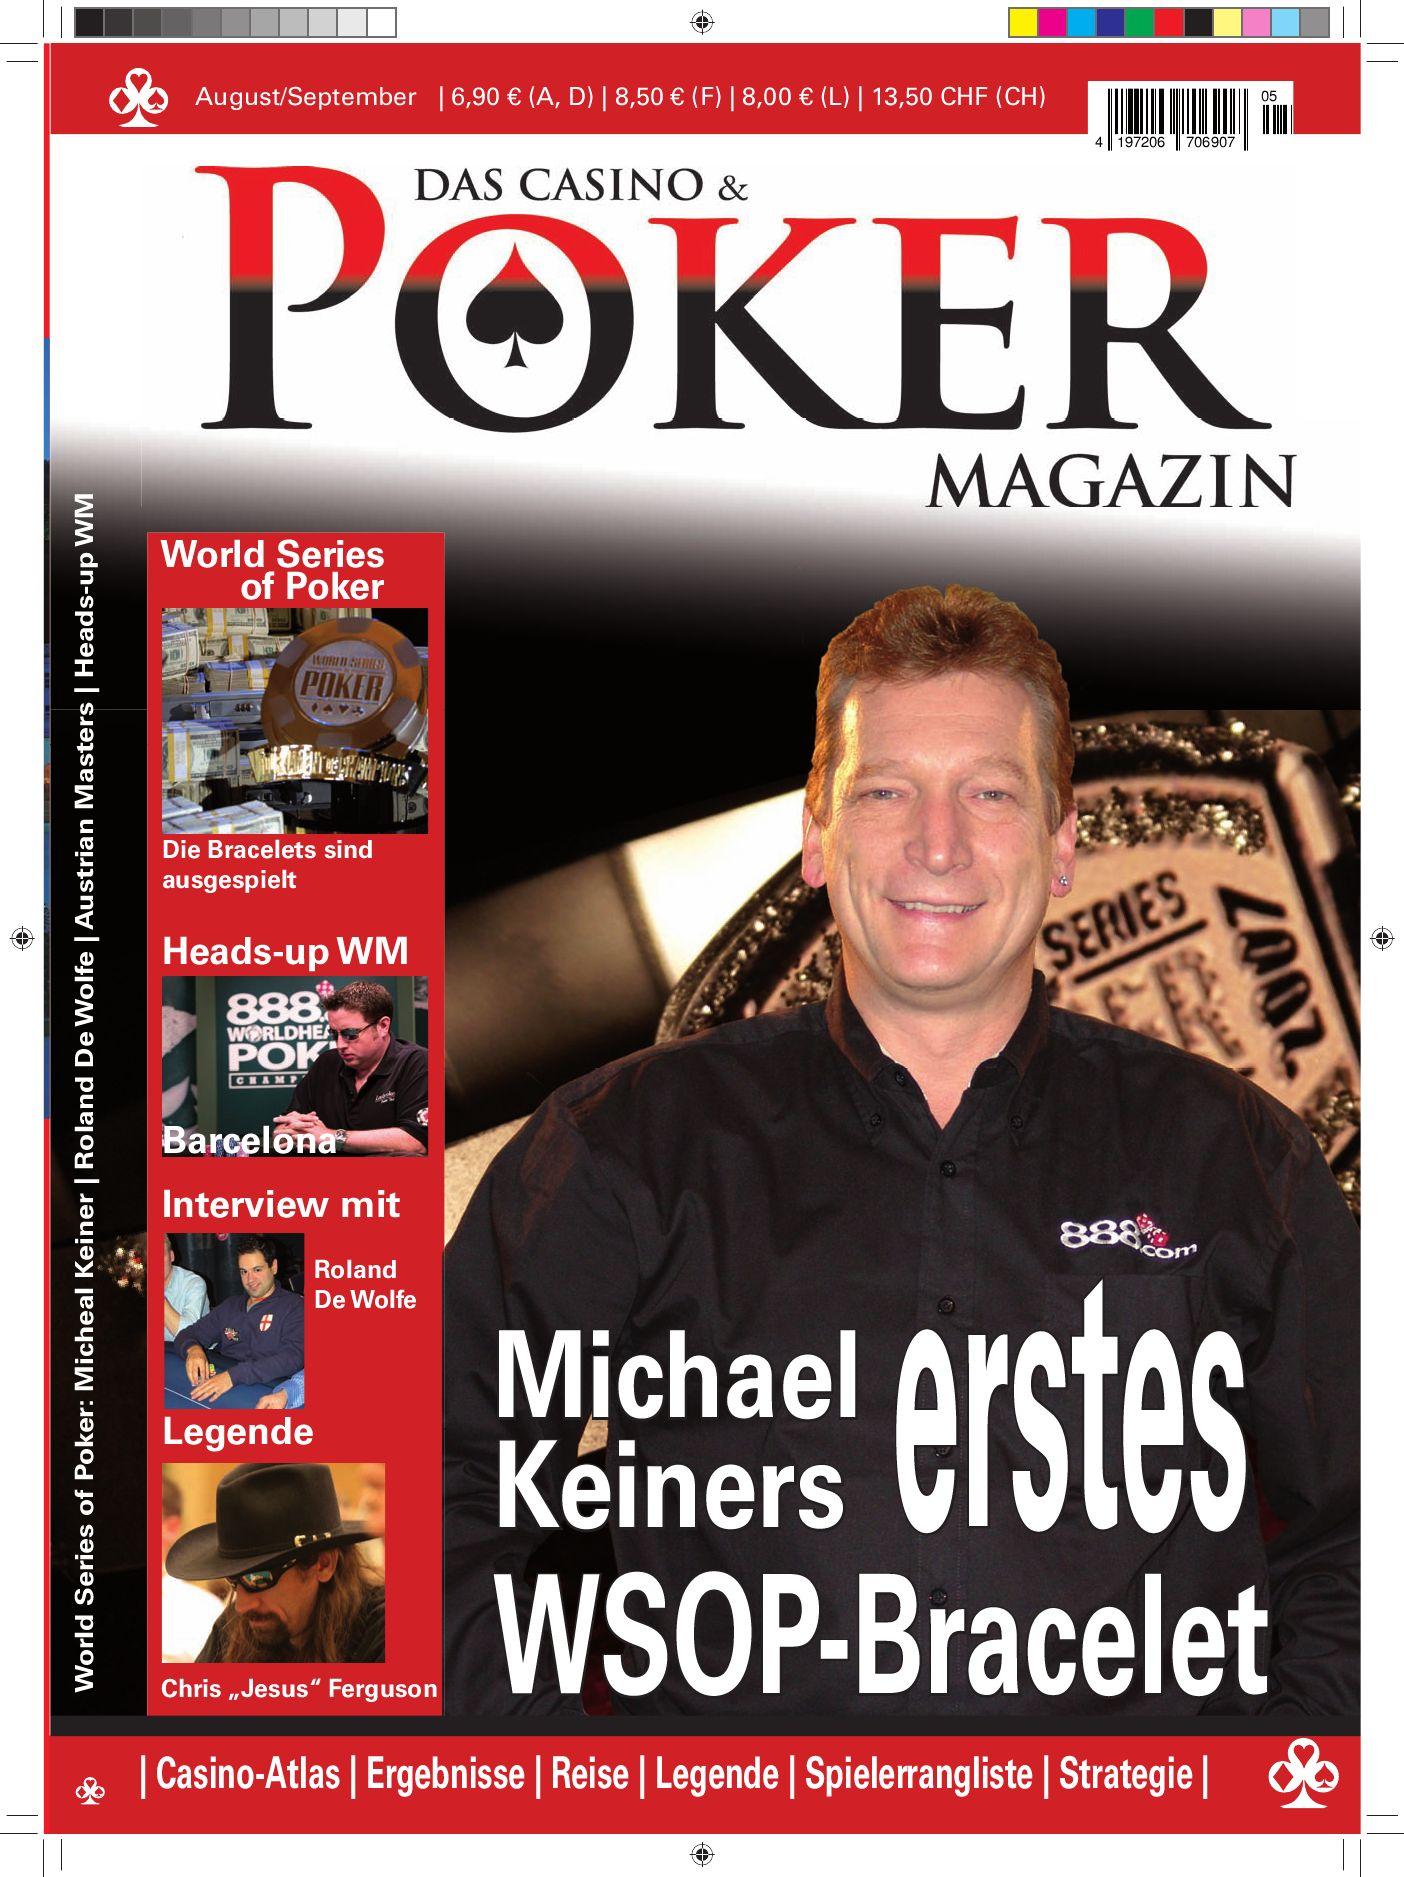 Poker Begriffe Irische Buchmacher Casino -409052